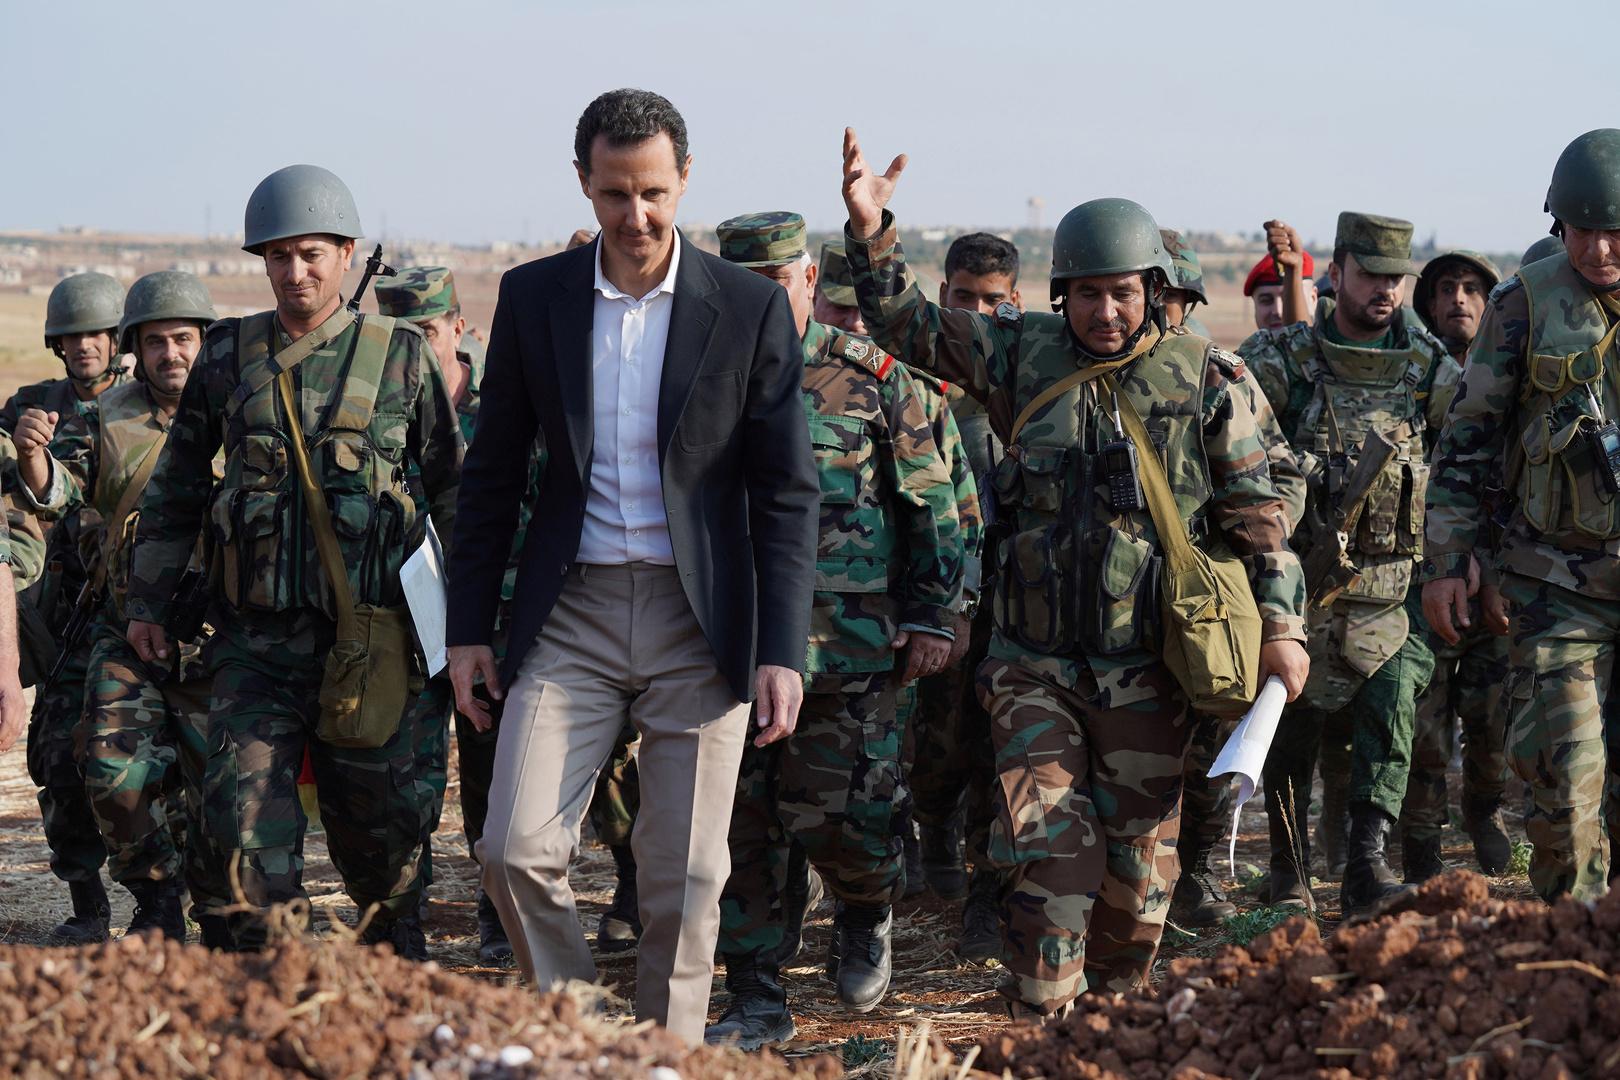 الكونغرس الأمريكي يصادق على قانون يستهدف داعمي الحكومة السورية